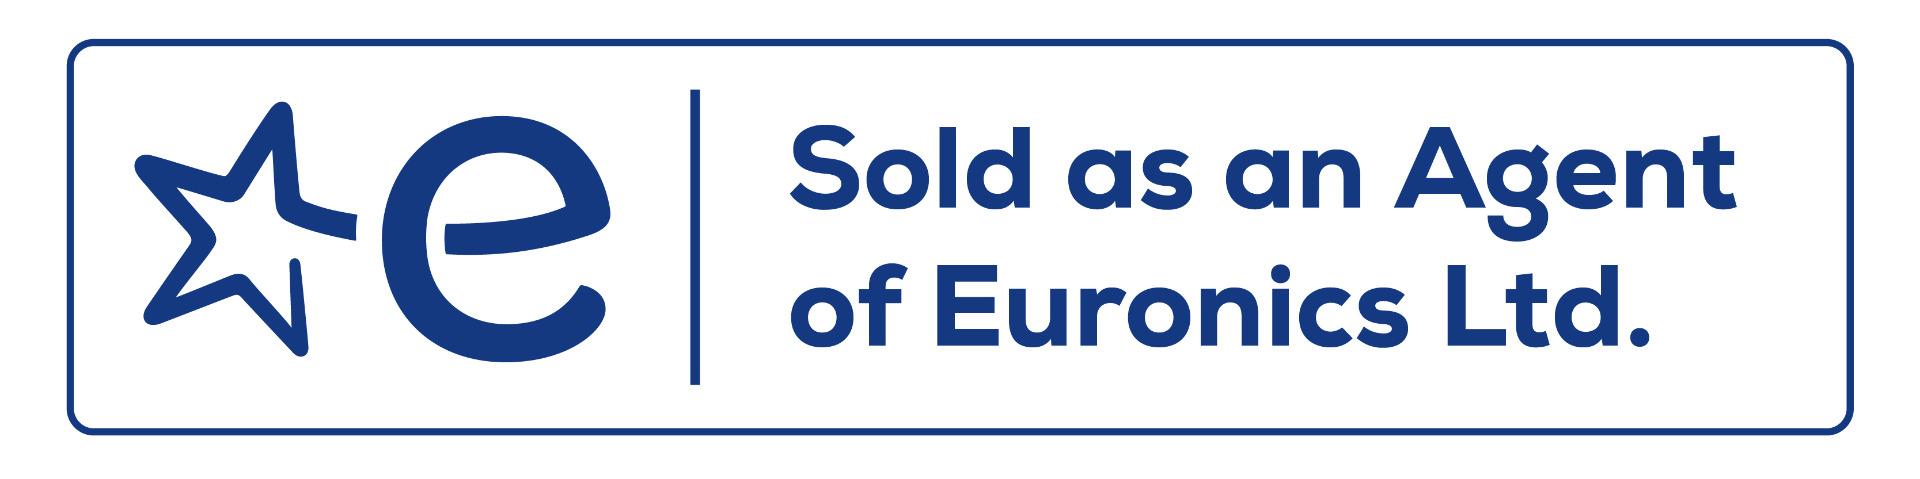 Euronics Agent